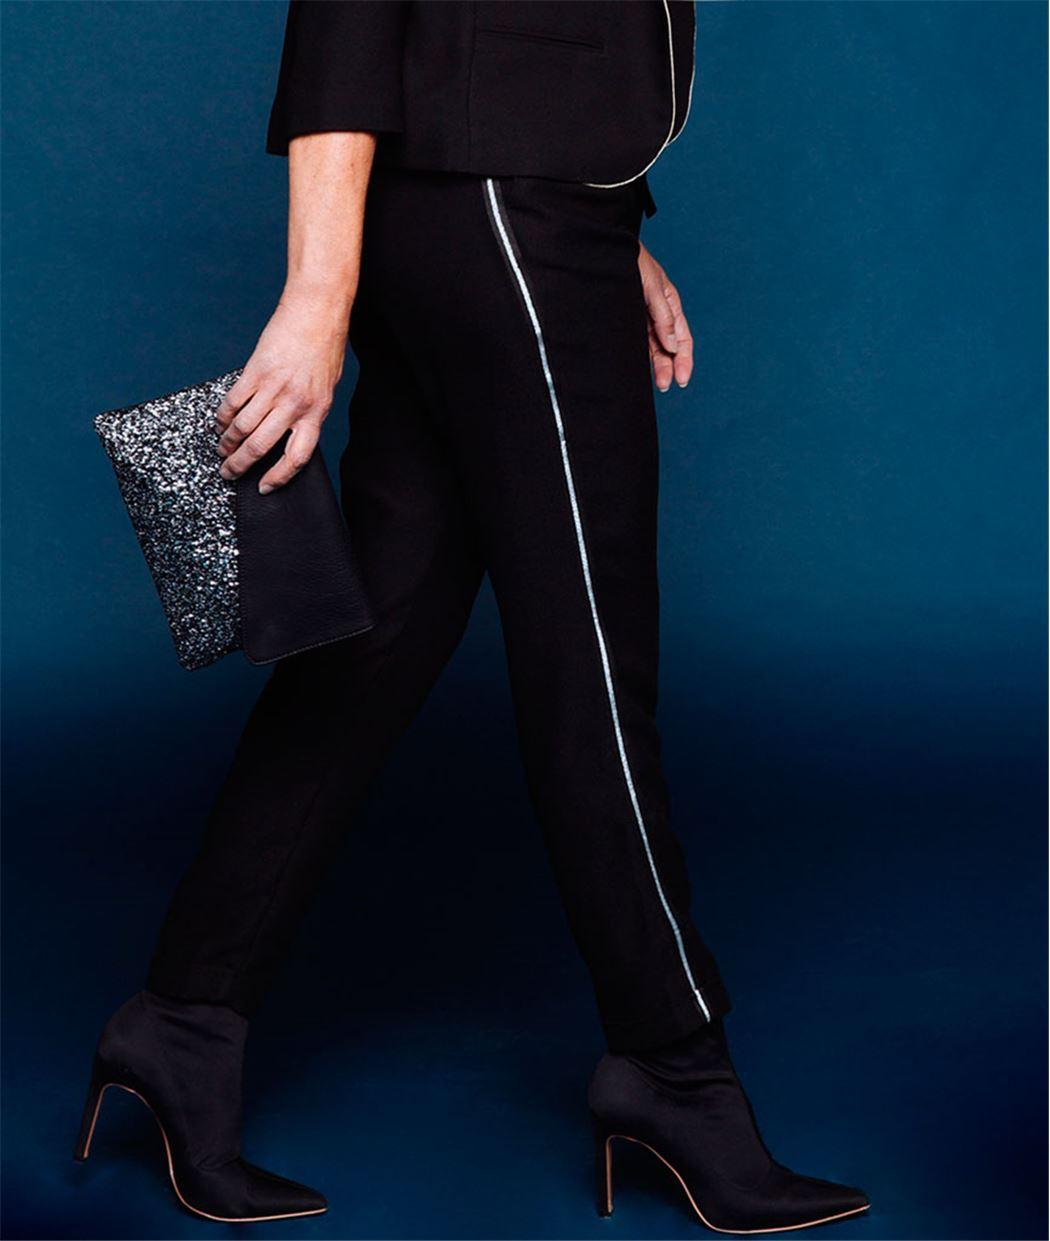 ebca0bc9a26bc Pantalon femme fluide noir avec ceinture NOIR - Grain de Malice